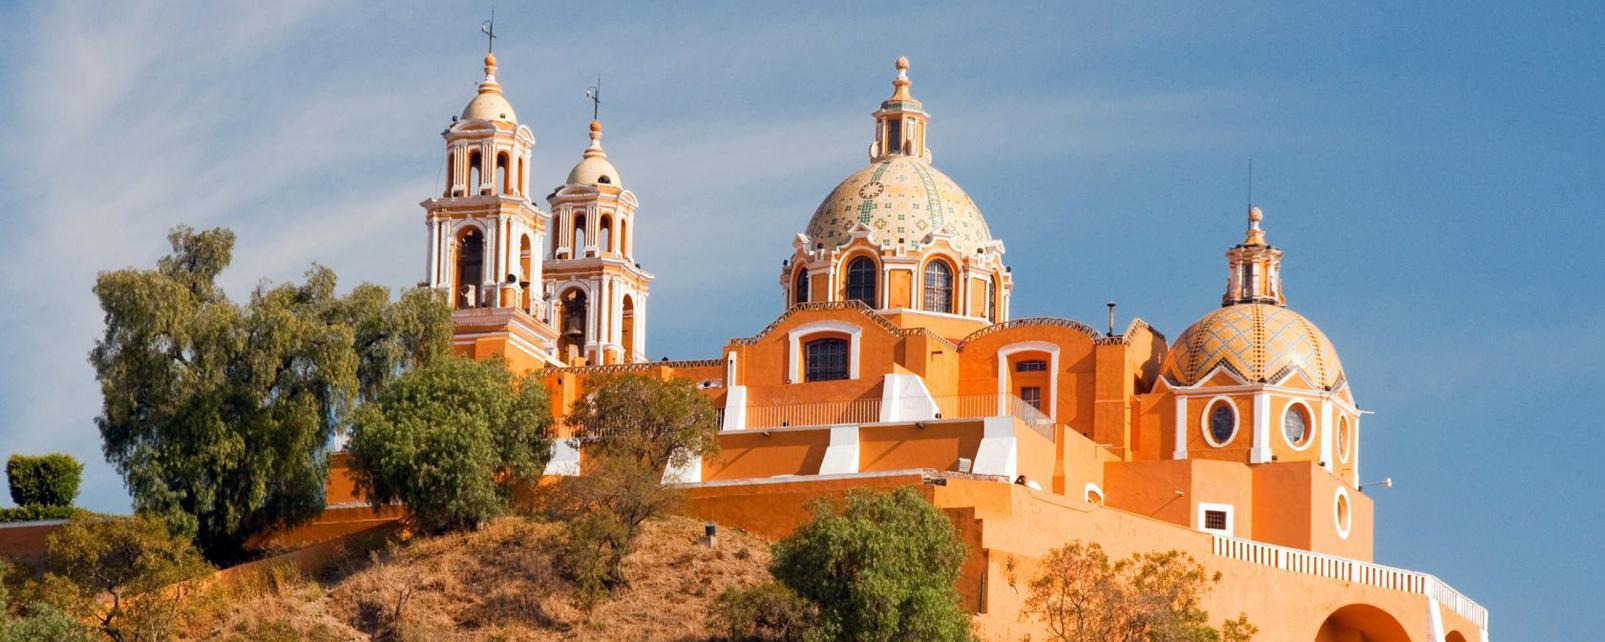 Amérique; Amérique du Sud; Mexique; Mexique continental; Puebla;